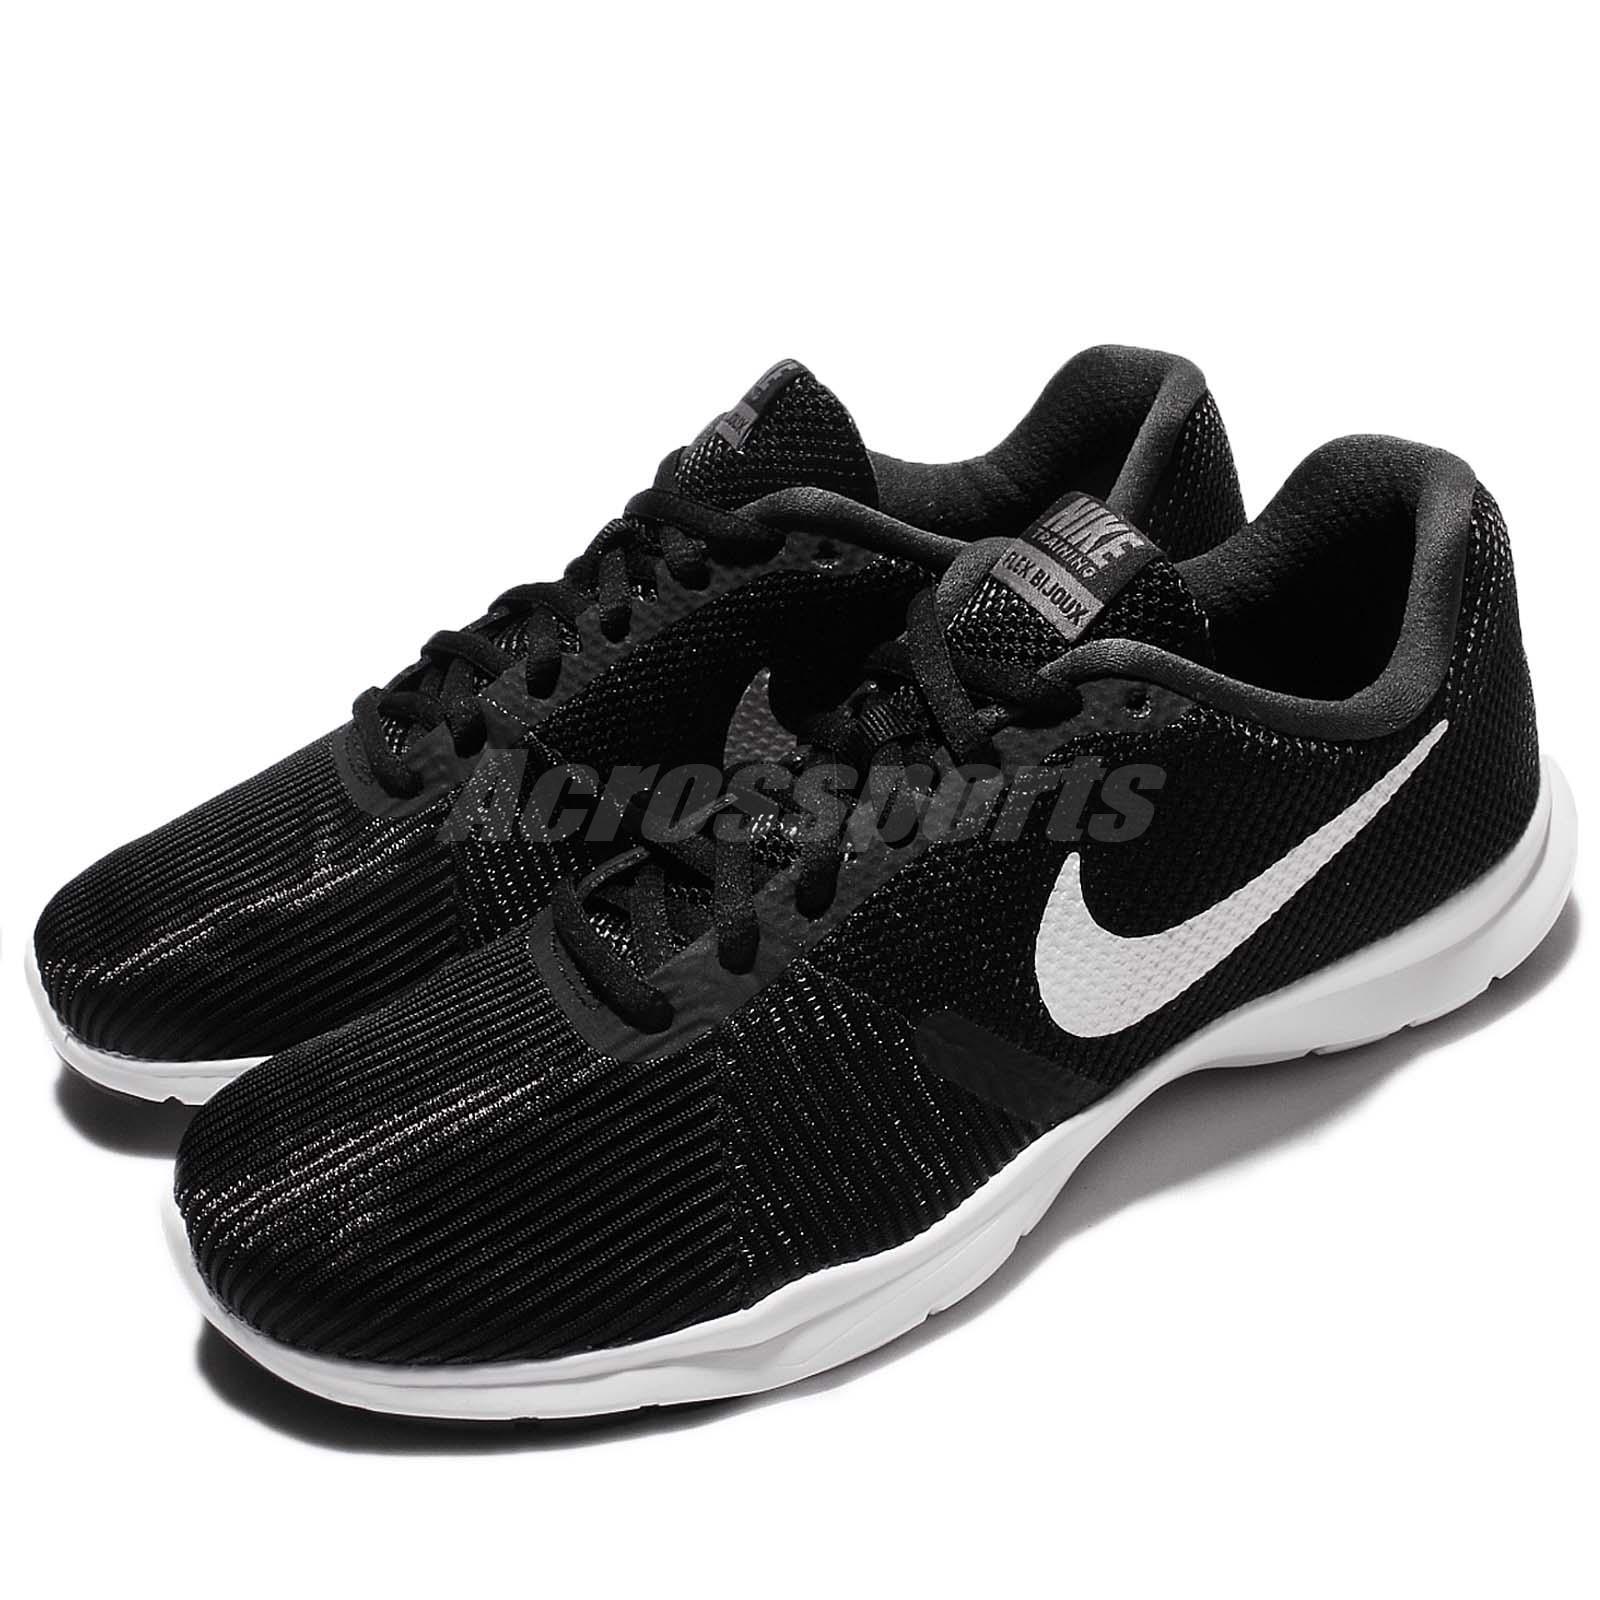 661a730917c04 Details about Nike Wmns Flex Bijoux Black White Women Cross Training Shoes  Sneakers 881863-001